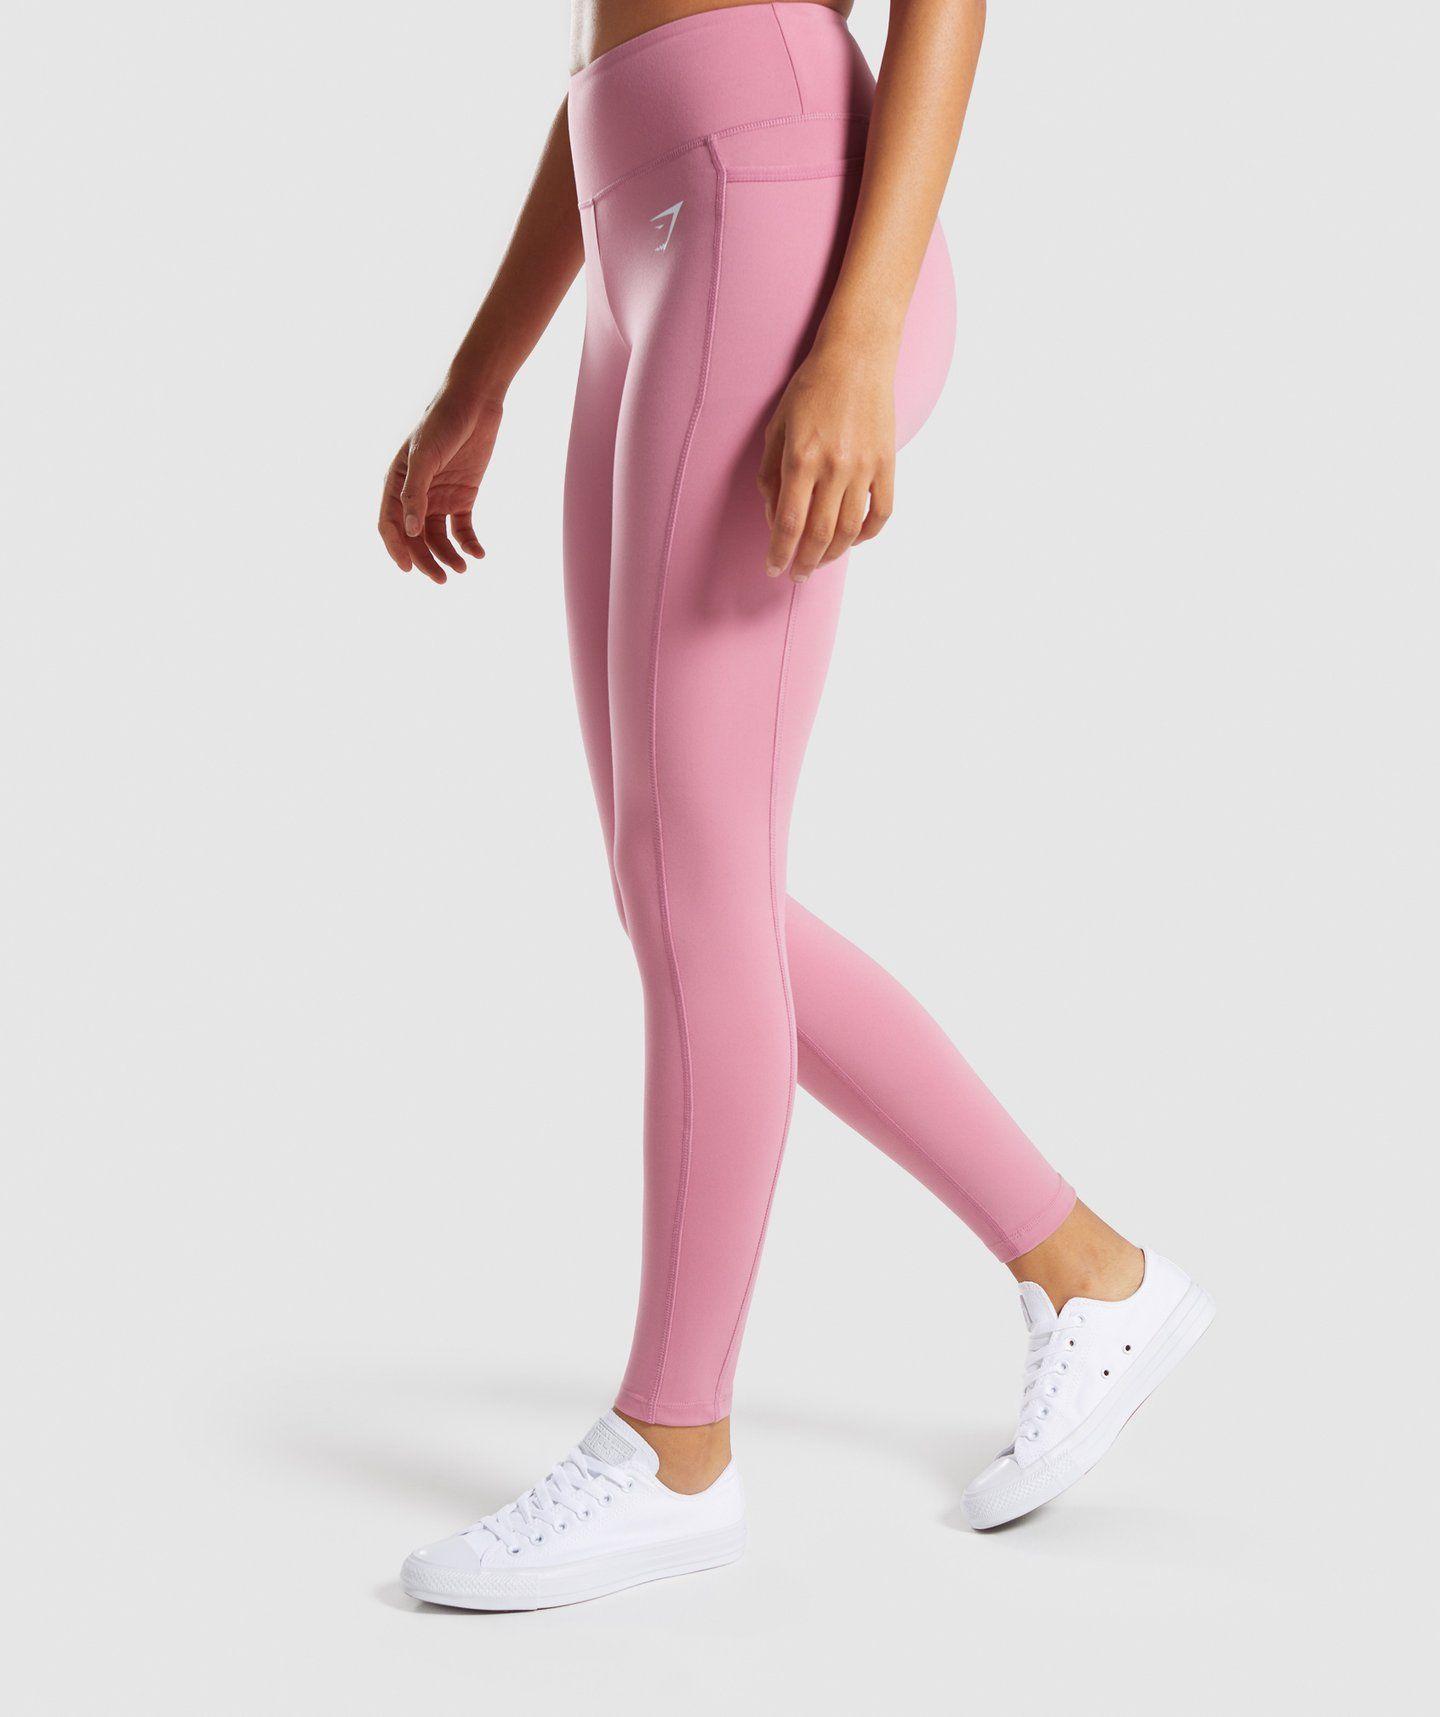 9742488098c60 Gymshark Dreamy Leggings 2.0 - Dusky Pink | S H O P P I N G ...